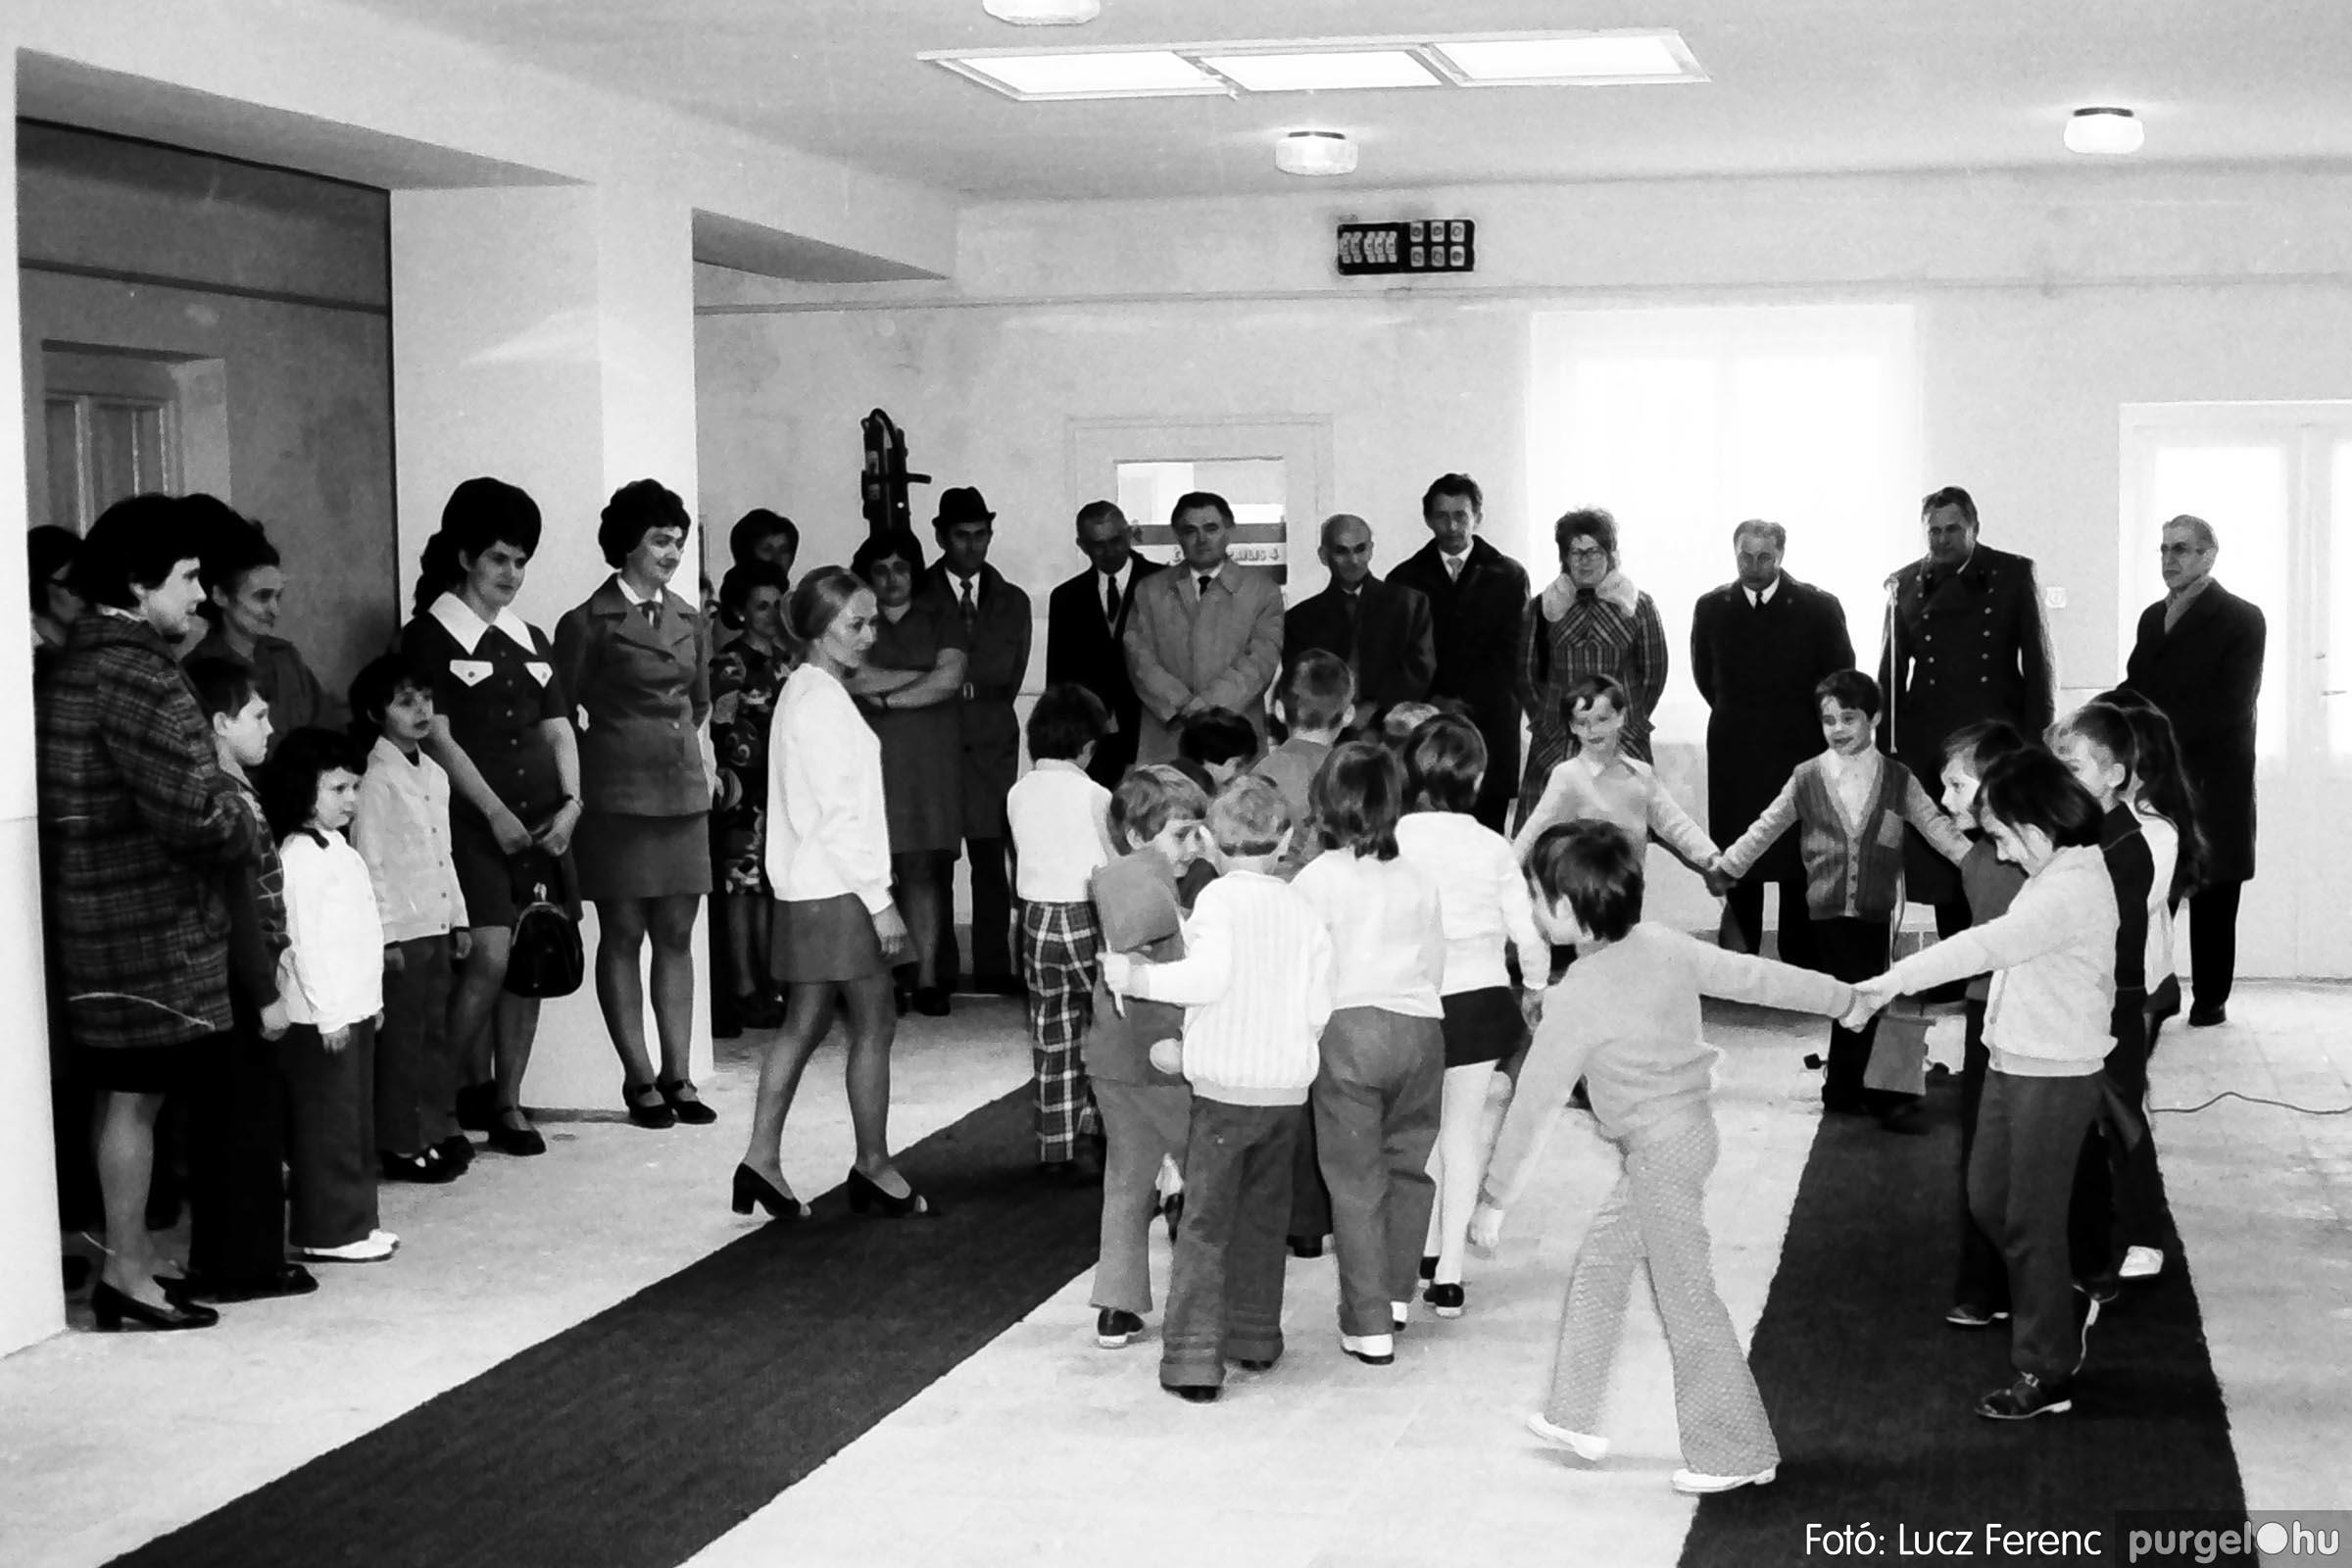 009 1975.04. Óvoda bővítés utáni átadási ünnepség 007 - Fotó: Lucz Ferenc IMG00162q.jpg